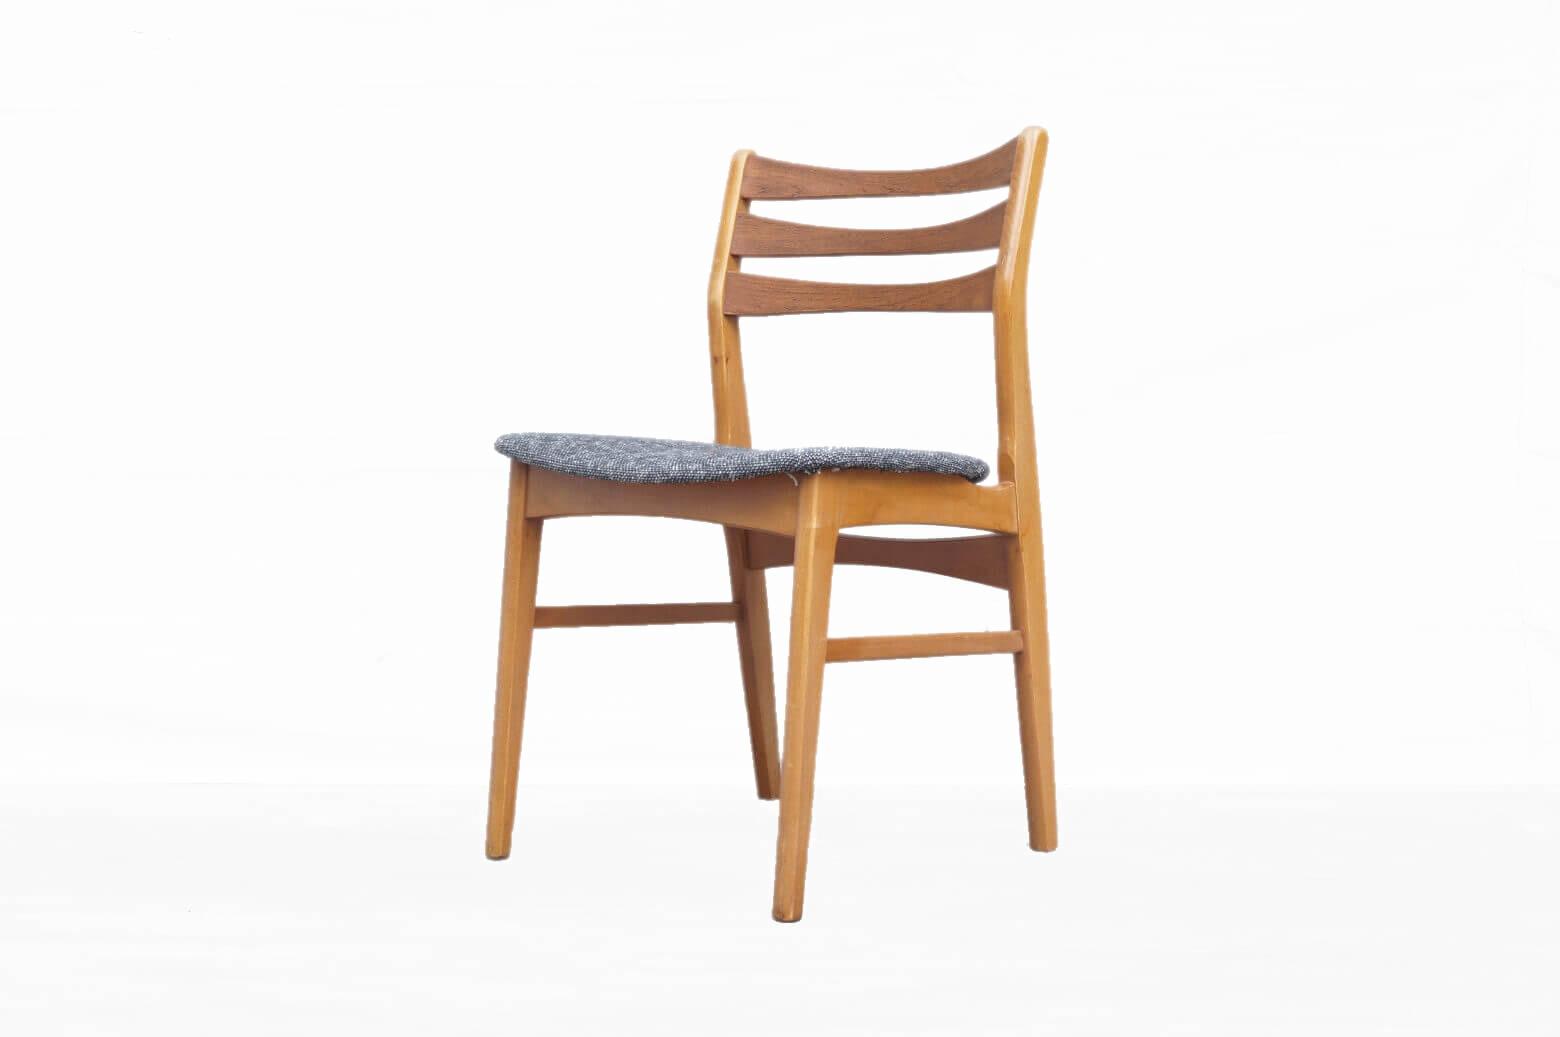 デンマークの家具メーカーのダイニングチェア。 背もたれには適度な角度があり、もたれかかった時に心地よいホールド感を感じられ 座面は幅が広くゆったりとご使用いただけるチェアです。 1960年代のものかと思われ、細かな傷や擦れなどございますが、大きなダメージなどはございません。座面には厚みのあるシンプルなマーブル柄に張り替えましたので北欧モダン、和スタイルにも相性の良くご使用頂けるかと思います。是非この機会にいかがでしょうか。【東京都杉並区阿佐ヶ谷北アンティークショップ 古一】 古一/ふるいちでは出張無料買取も行っております。杉並区周辺はもちろん、世田谷区・目黒区・武蔵野市・新宿区等の東京近郊のお見積もりも!ビンテージ家具・インテリア雑貨・ランプ・USED品・ リサイクルなら古一/フルイチへ~